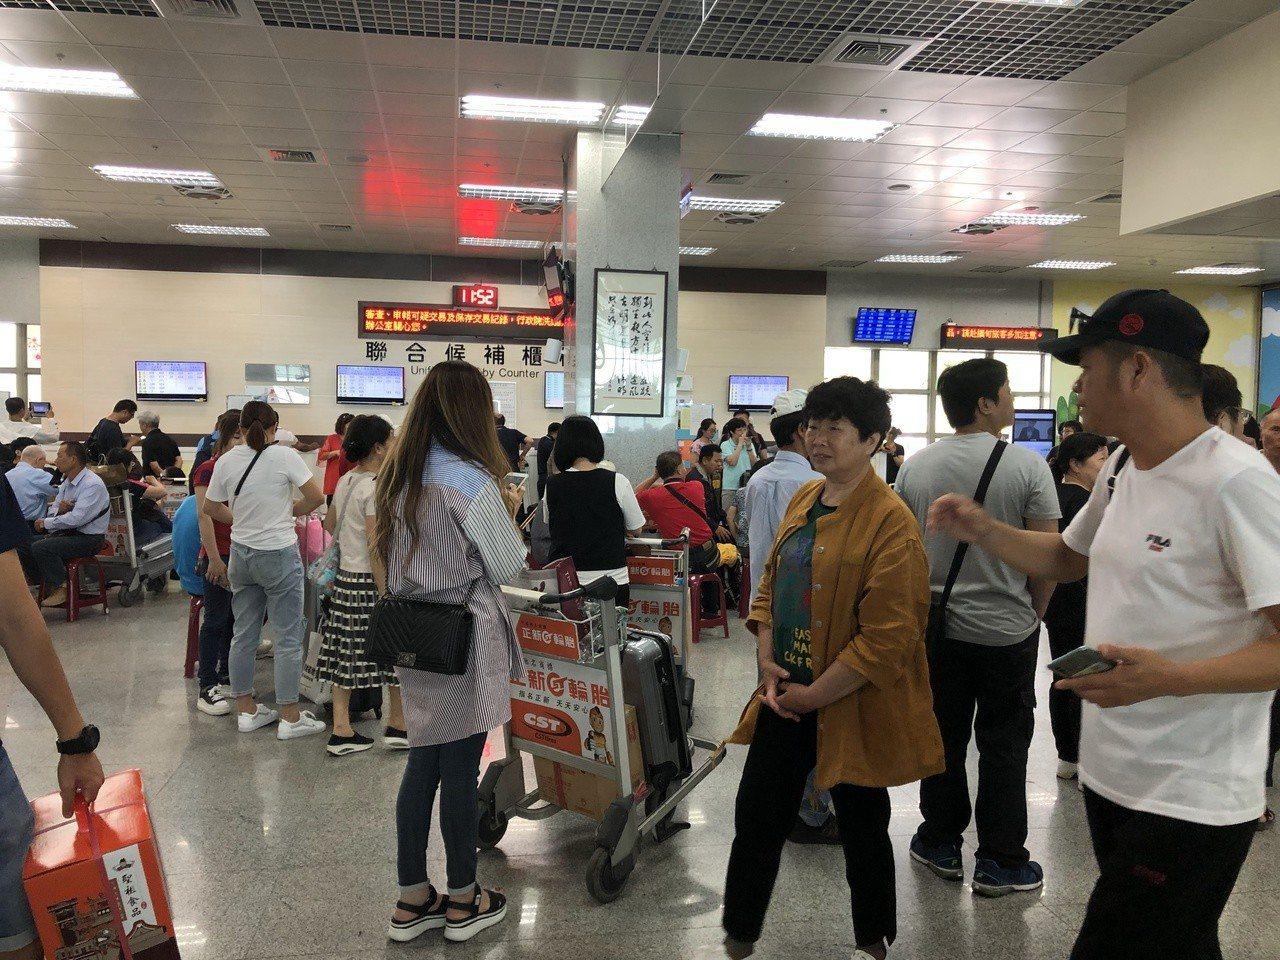 金門尚義機場今天大爆滿,聯合候補中心前擠滿人。記者蔡家蓁/攝影